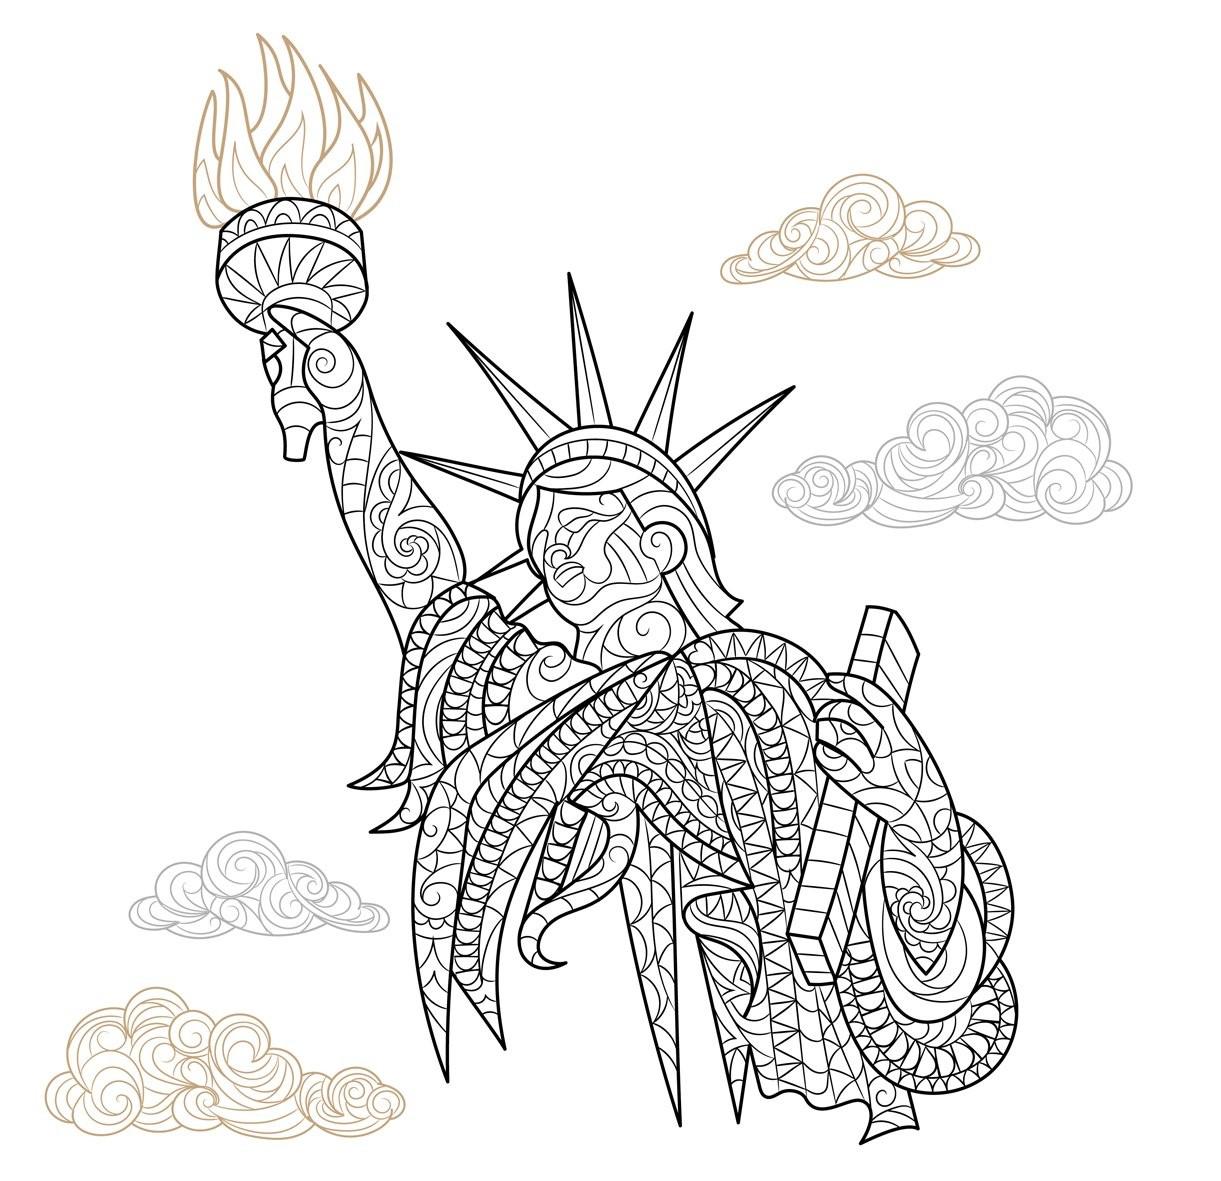 Раскраски сложные для взрослых антистресс город Нью Йорк «Статуя Свободы», чтобы распечатать